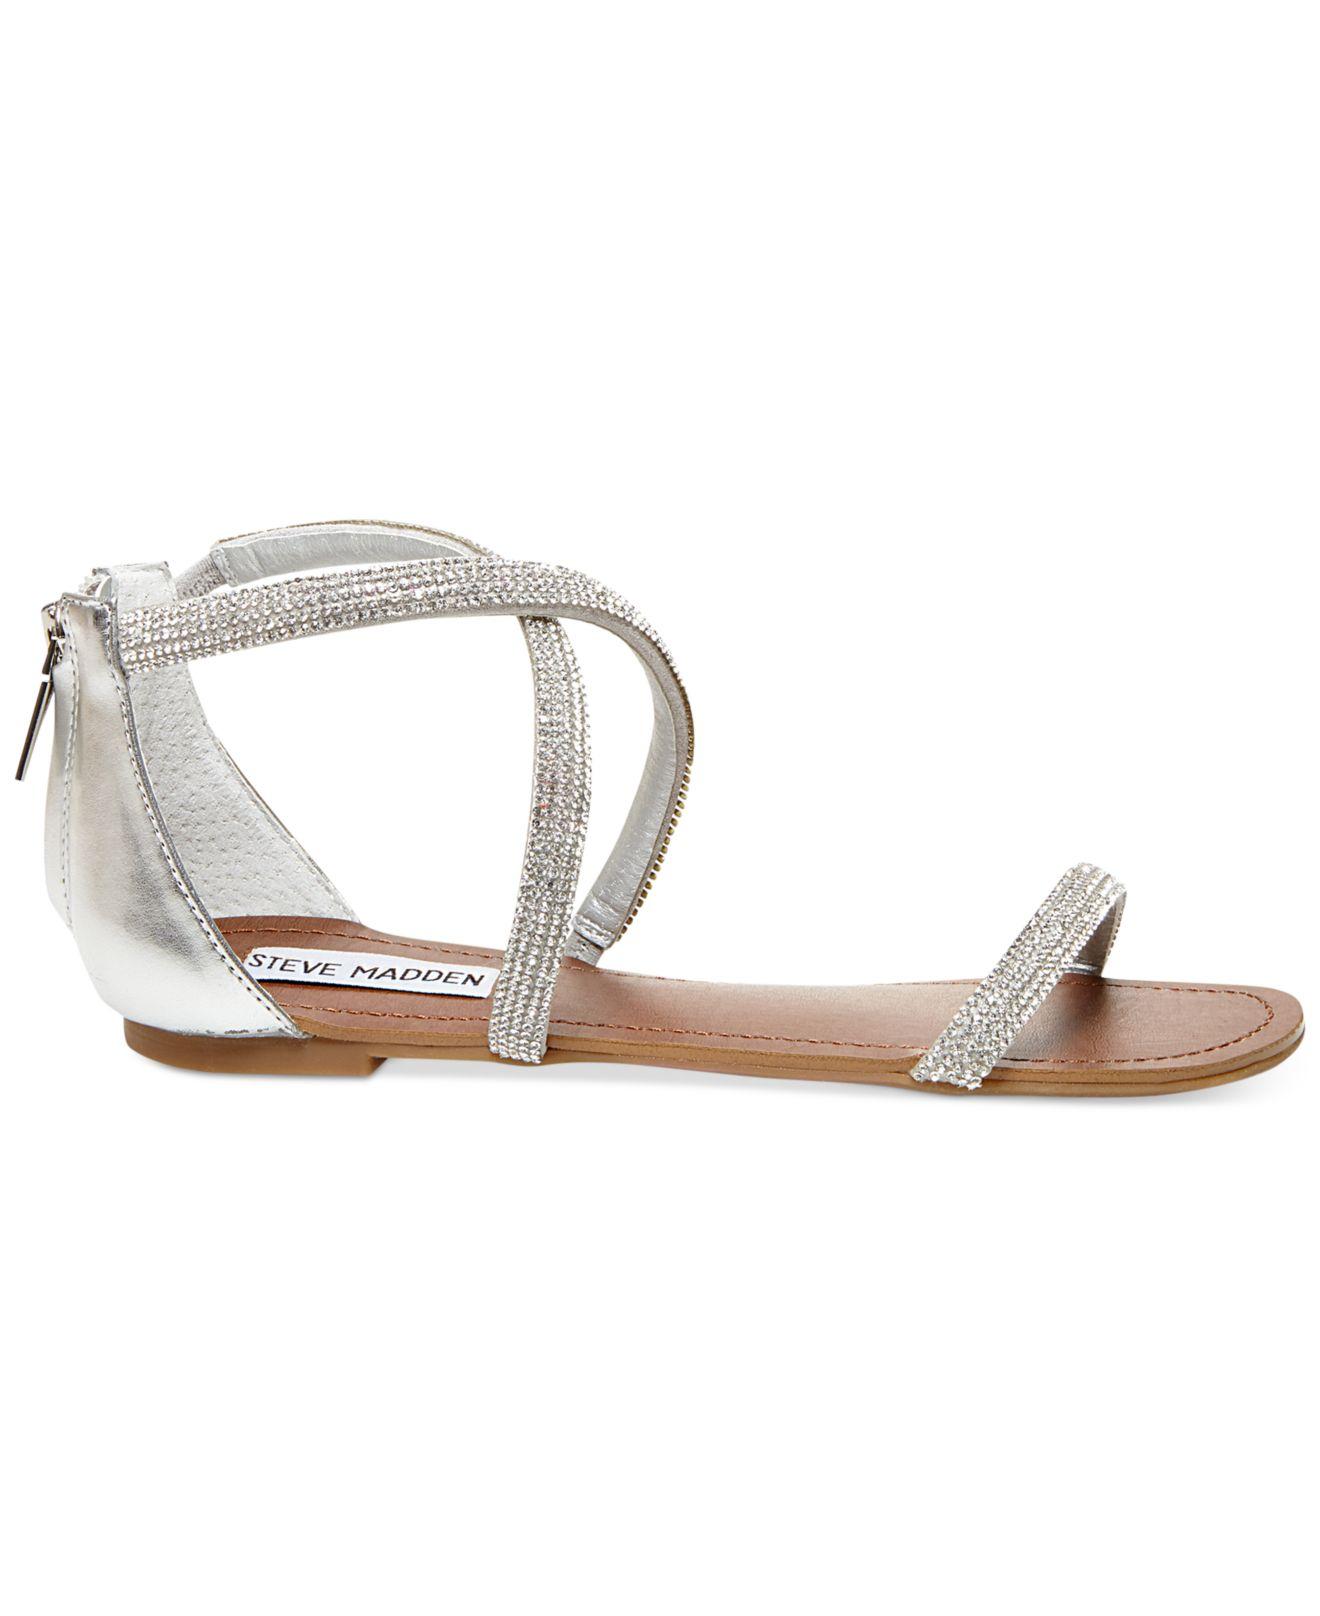 0d0184ec7 Lyst - Steve Madden Zsaza Bling Flat Sandals in Metallic